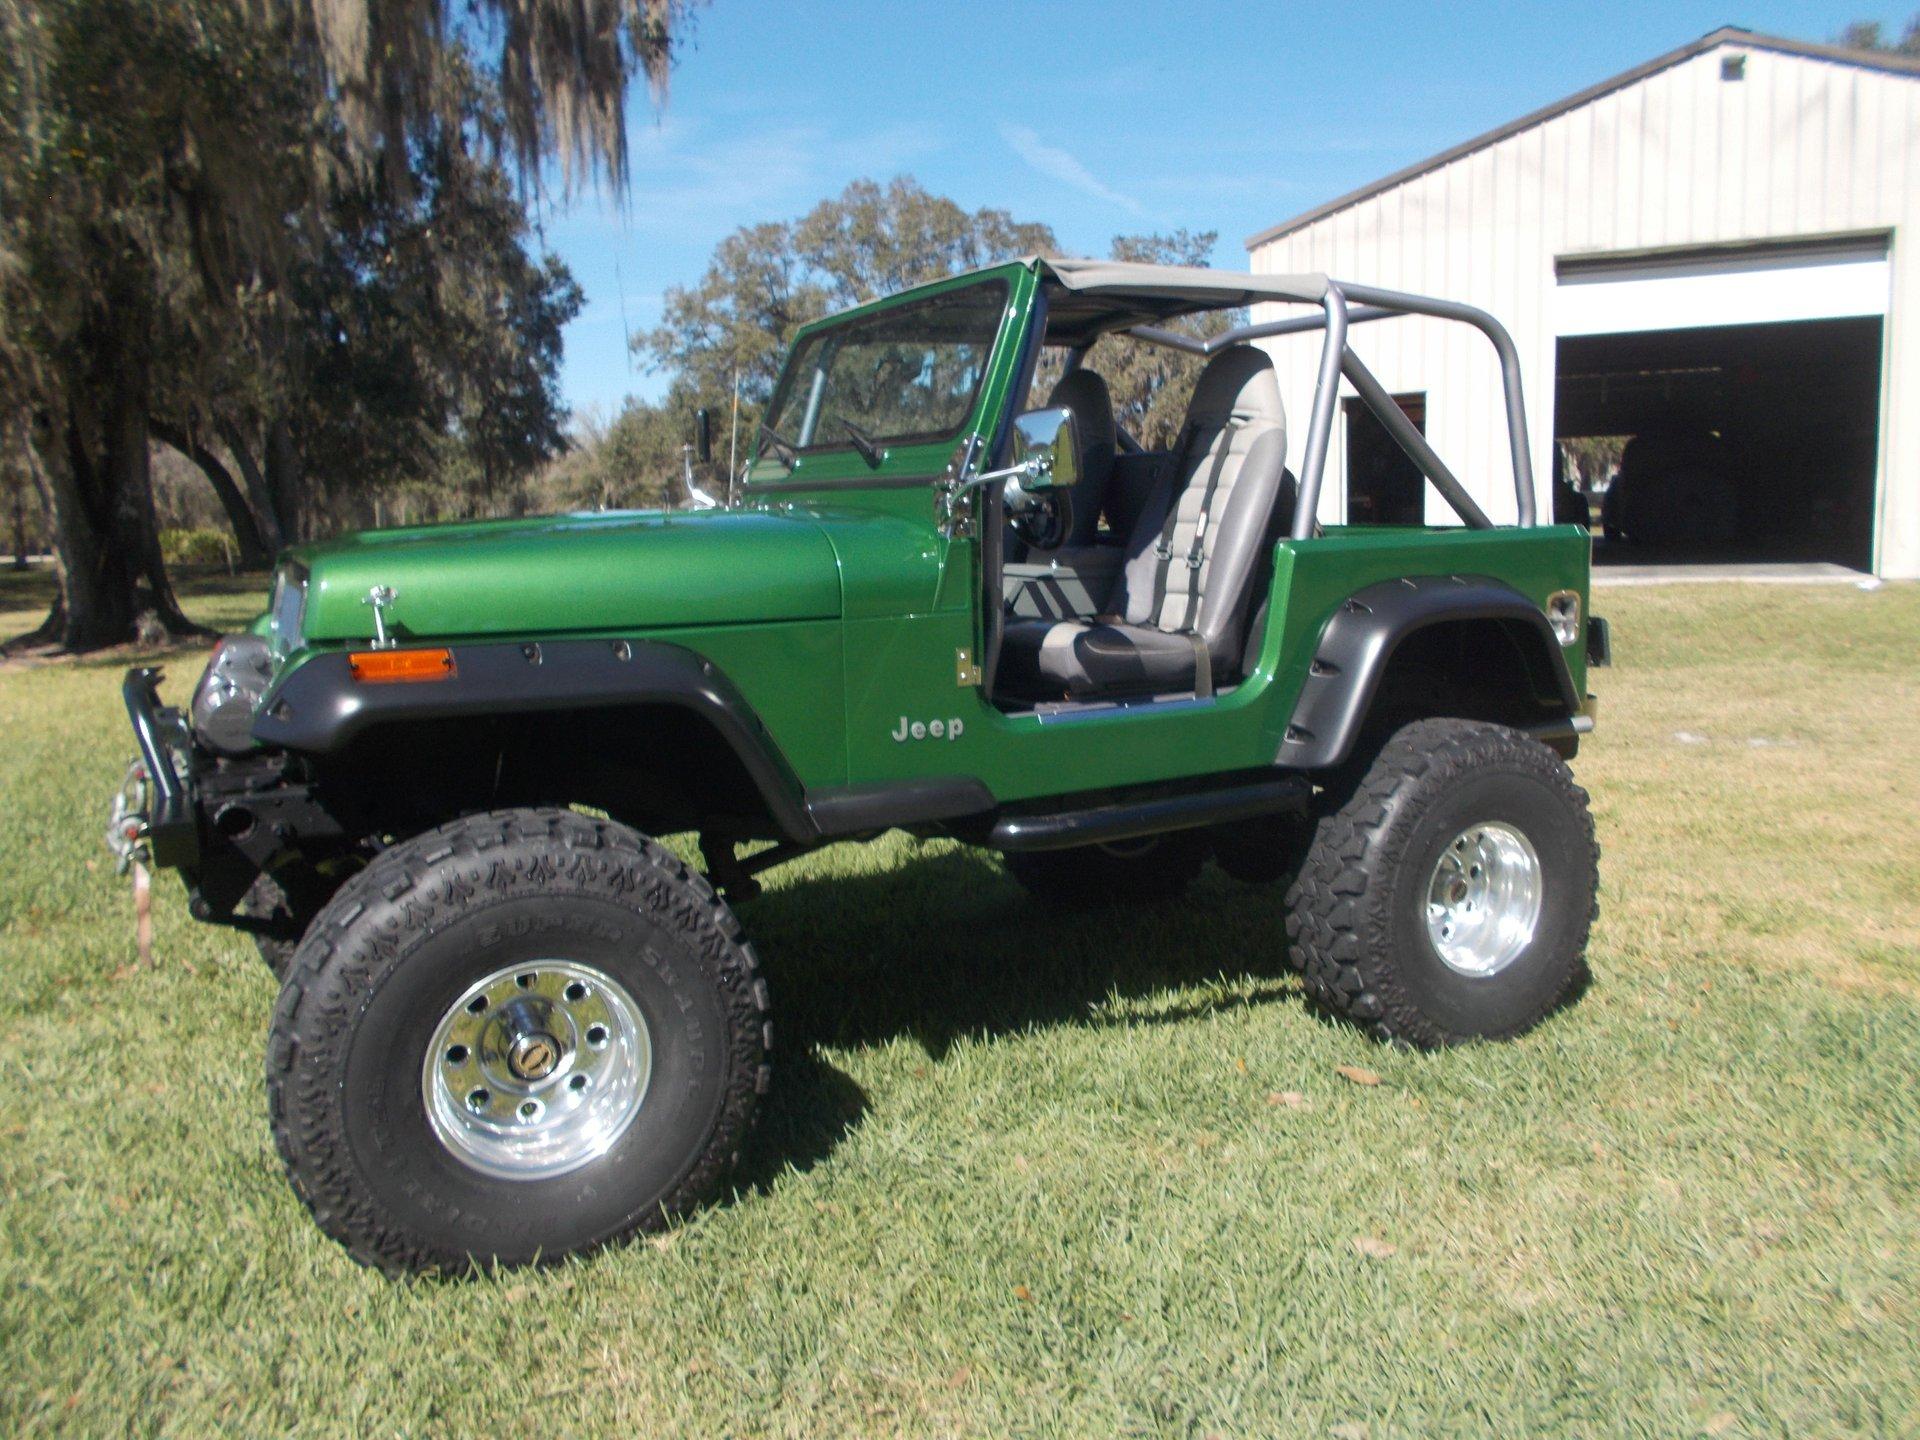 1989 jeep wrangler 4x4 sport utility